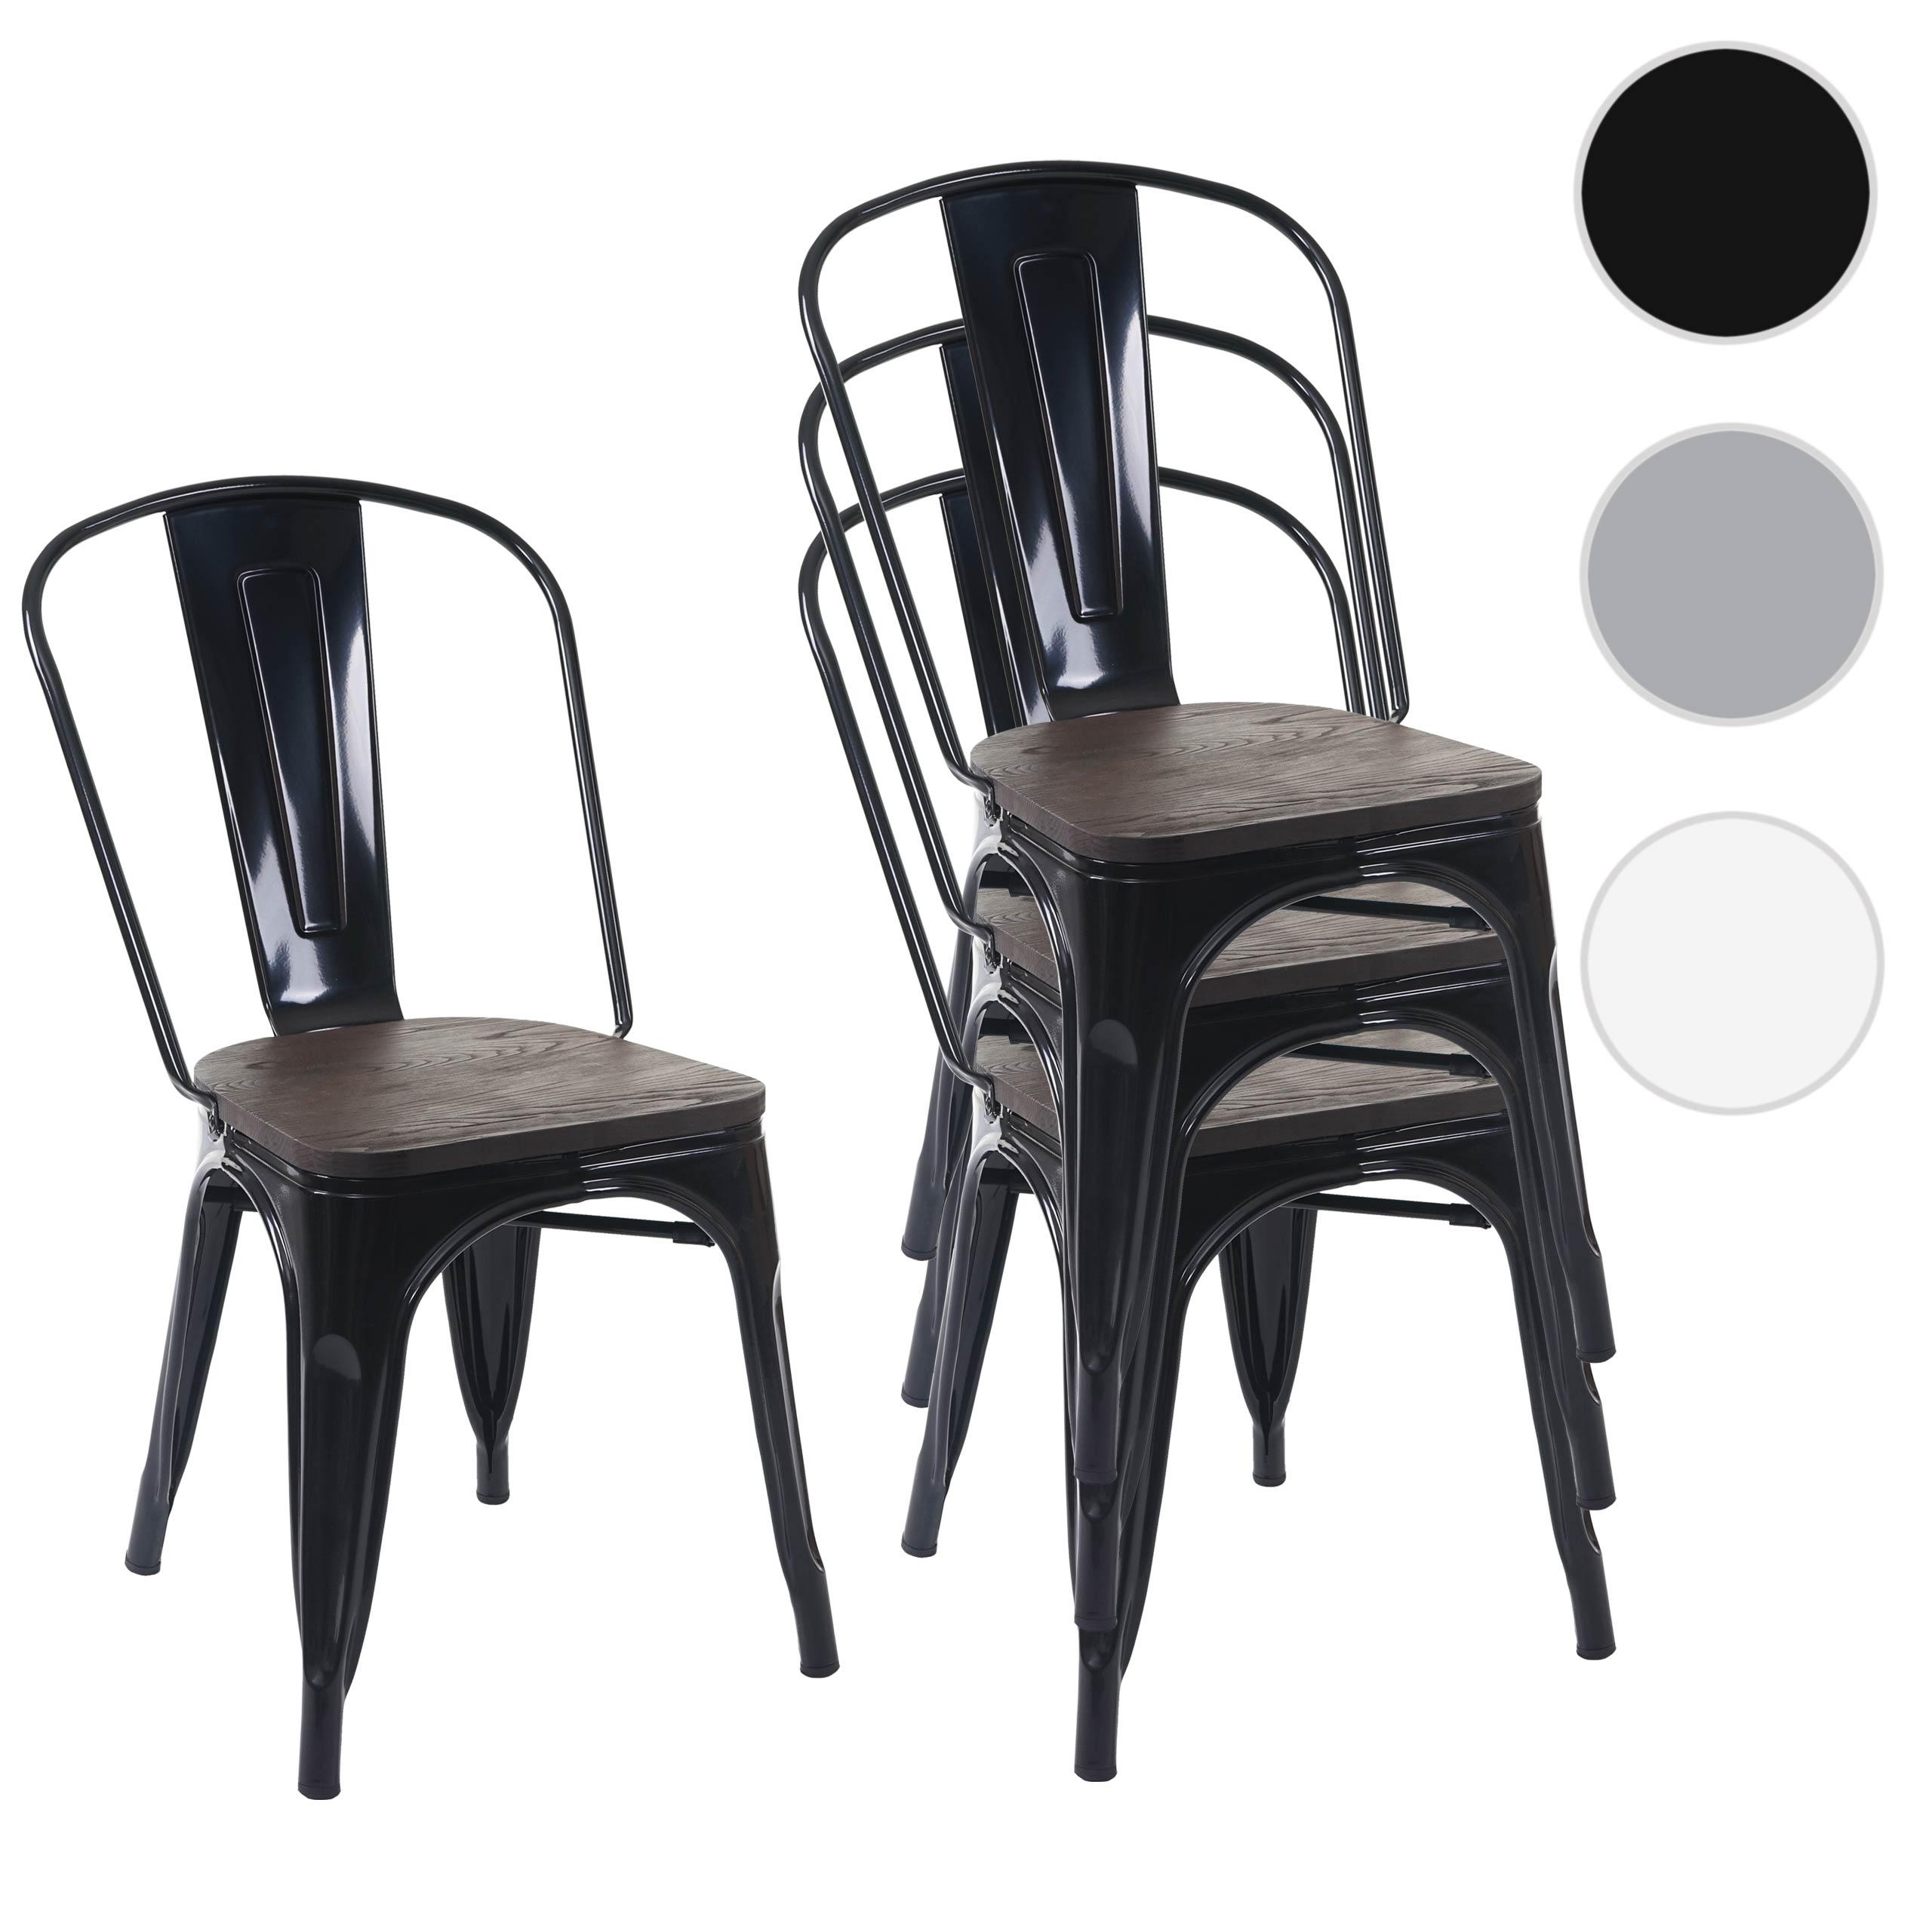 Mendler 4x Stuhl HWC-A73 inkl. Holz-Sitzfläche, Bistrostuhl Stapelstuhl, Metall Industriedesign stapelbar ~ 70775